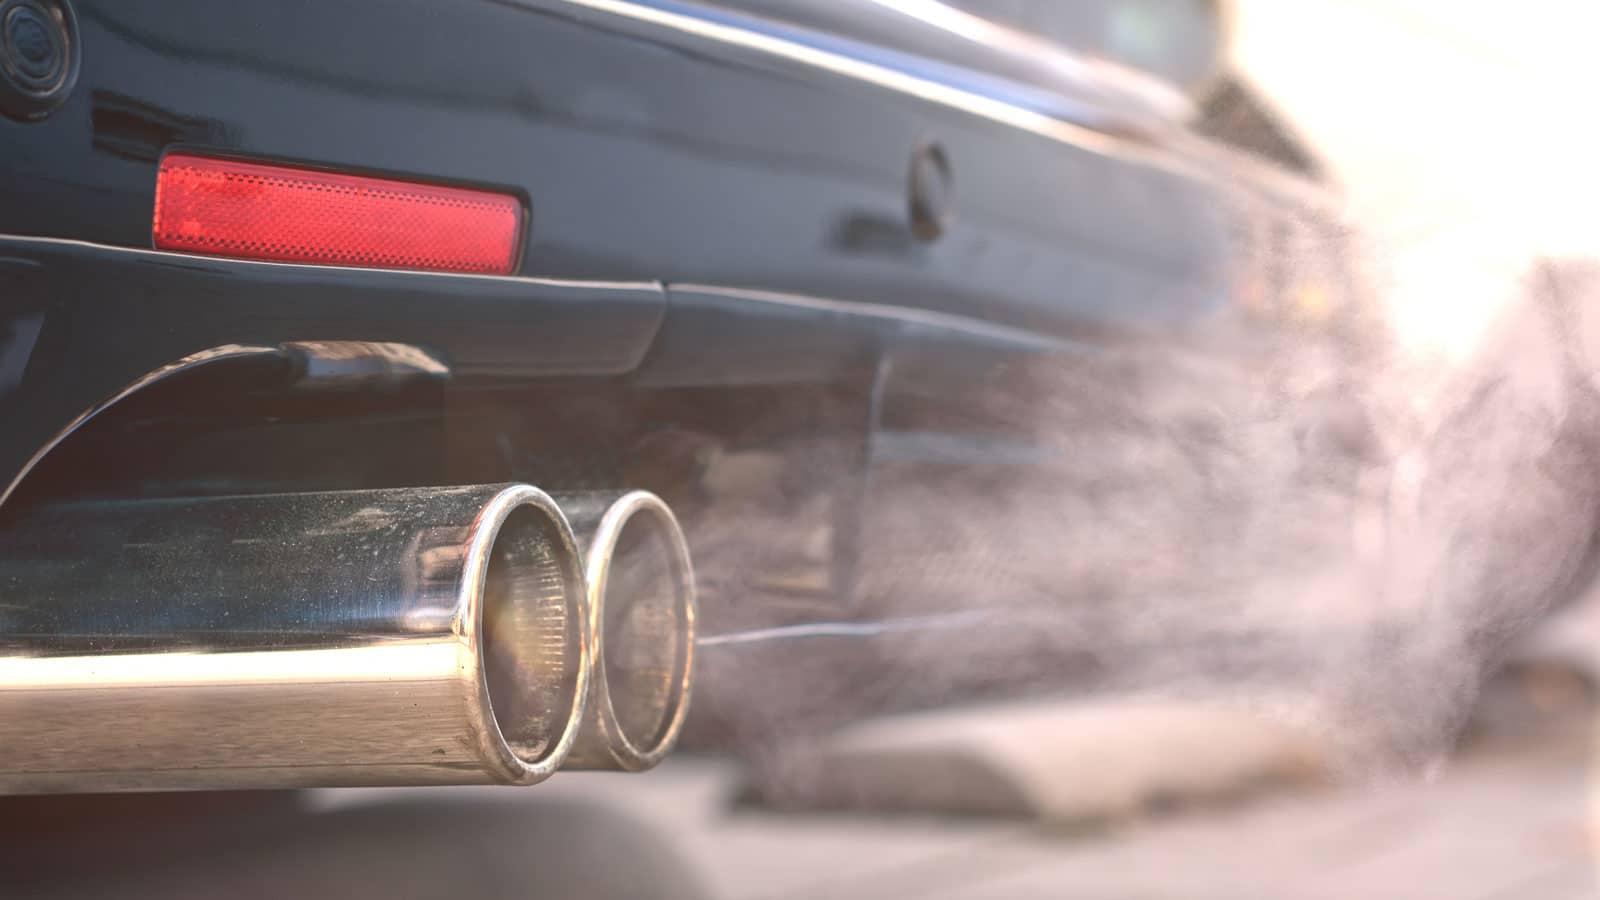 La vente de voiture diesel en chute libre sur 2018 !